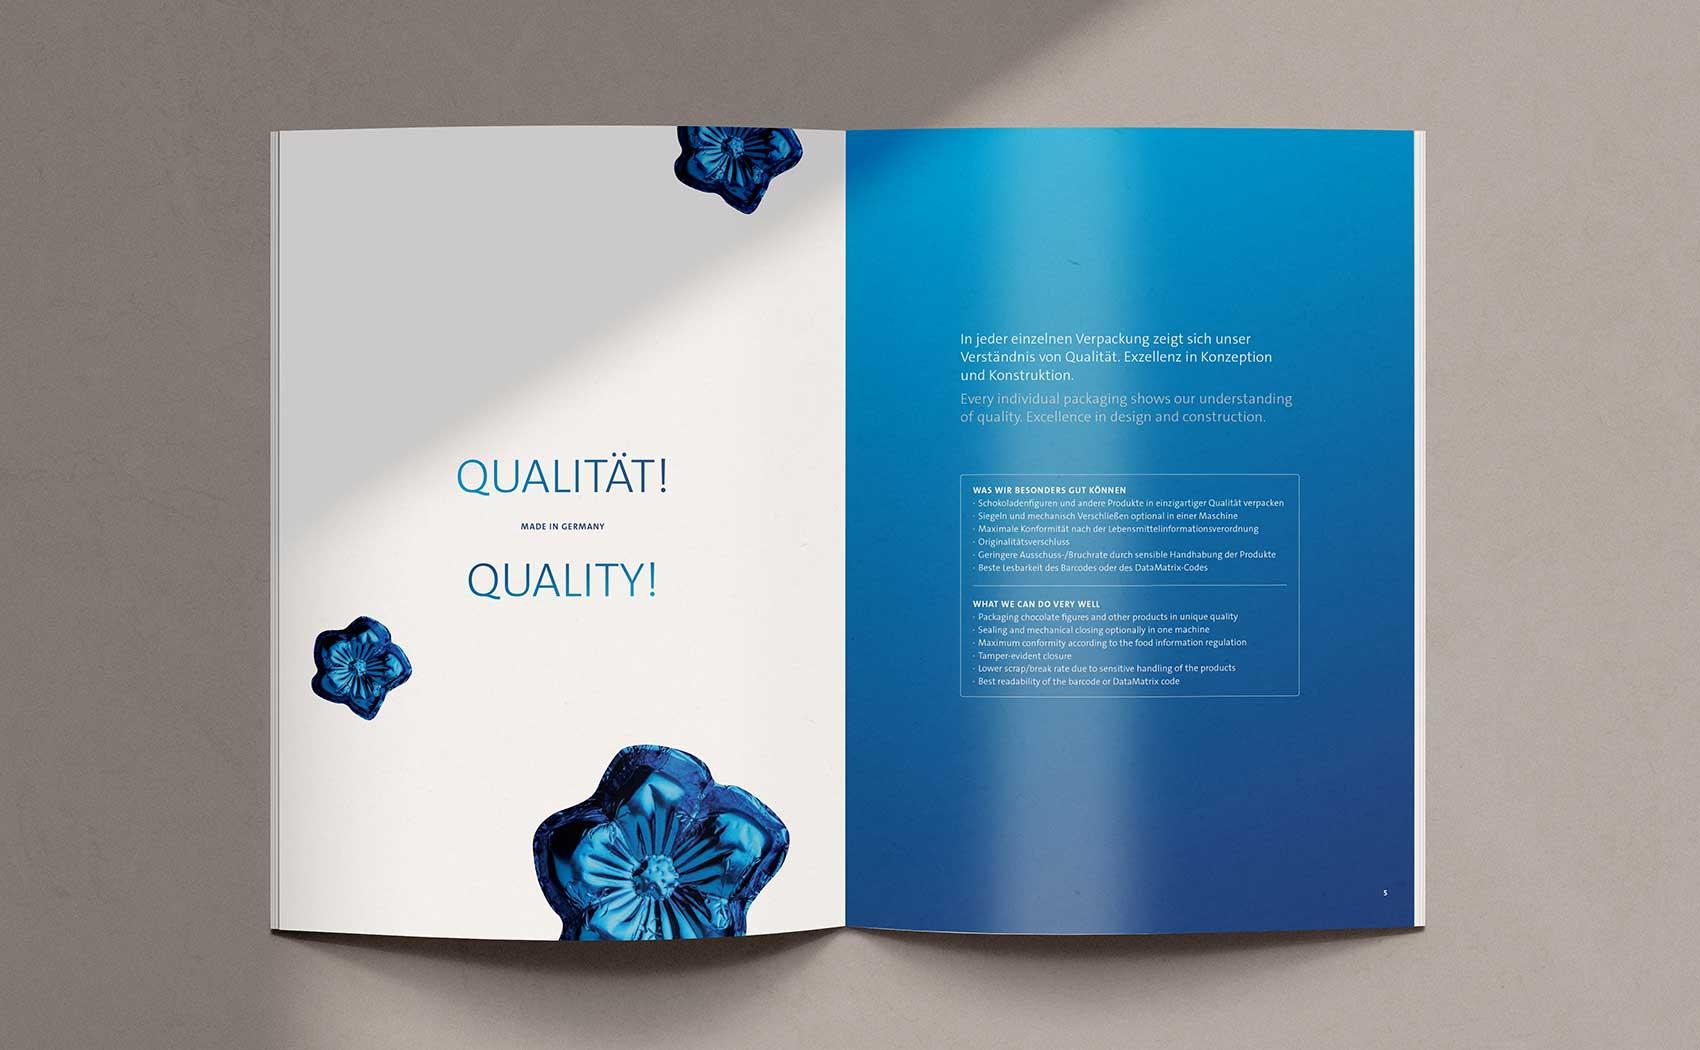 Imagekatalog und Produktbroschüre kompakt vereint für das Maschinenbauunternehmen Stampac GmbH